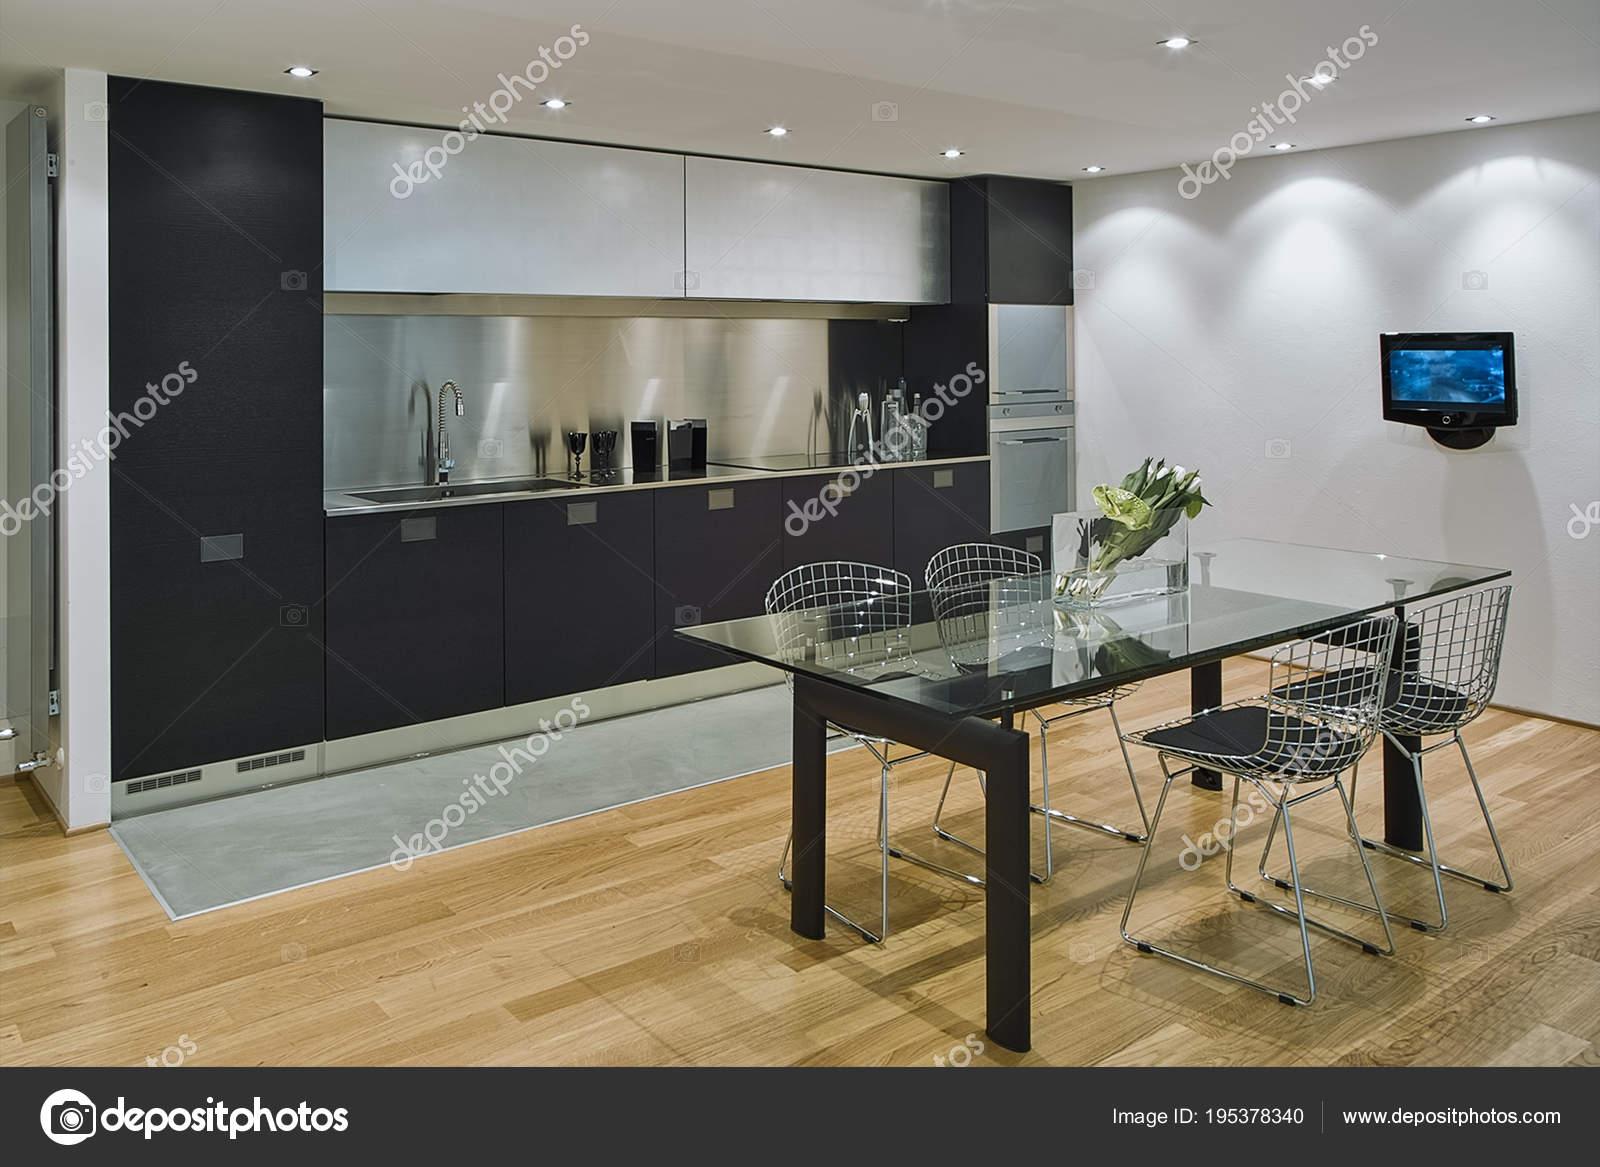 Fußboden Aus Glas ~ Interieur aufnahmen einer modernen küche im vordergrund das glas